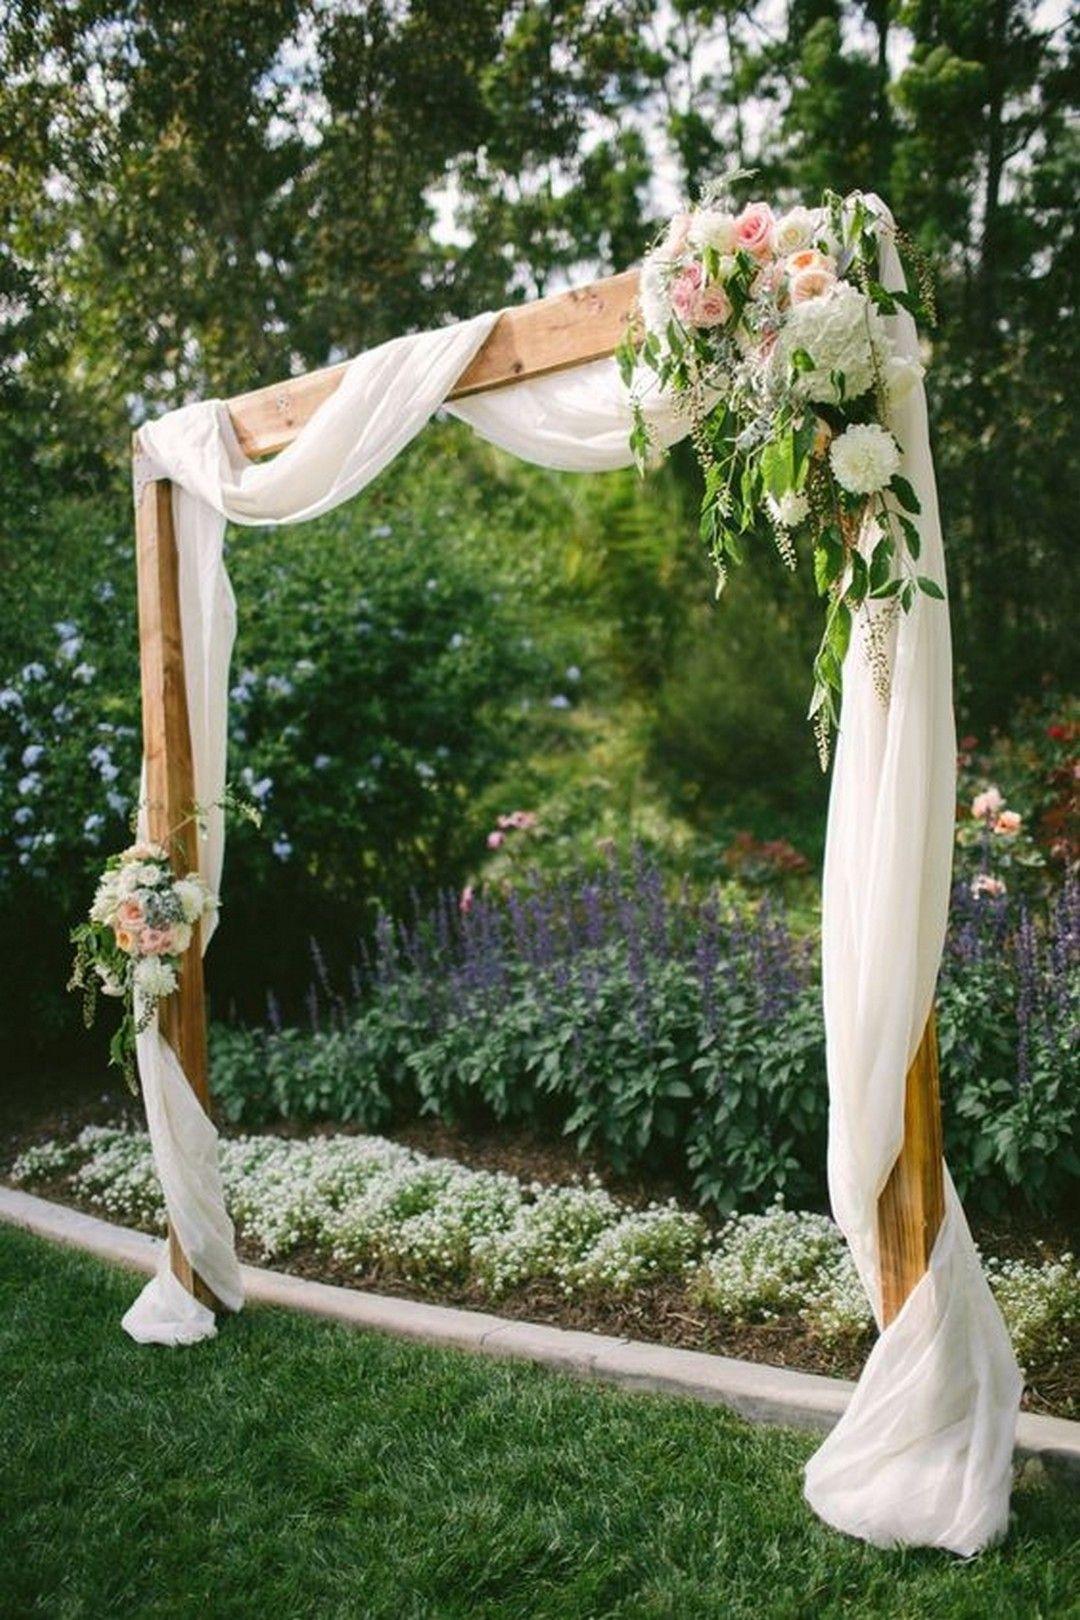 Rustikale Hochzeit Dekoration Ideen Die Sie An Ihrem